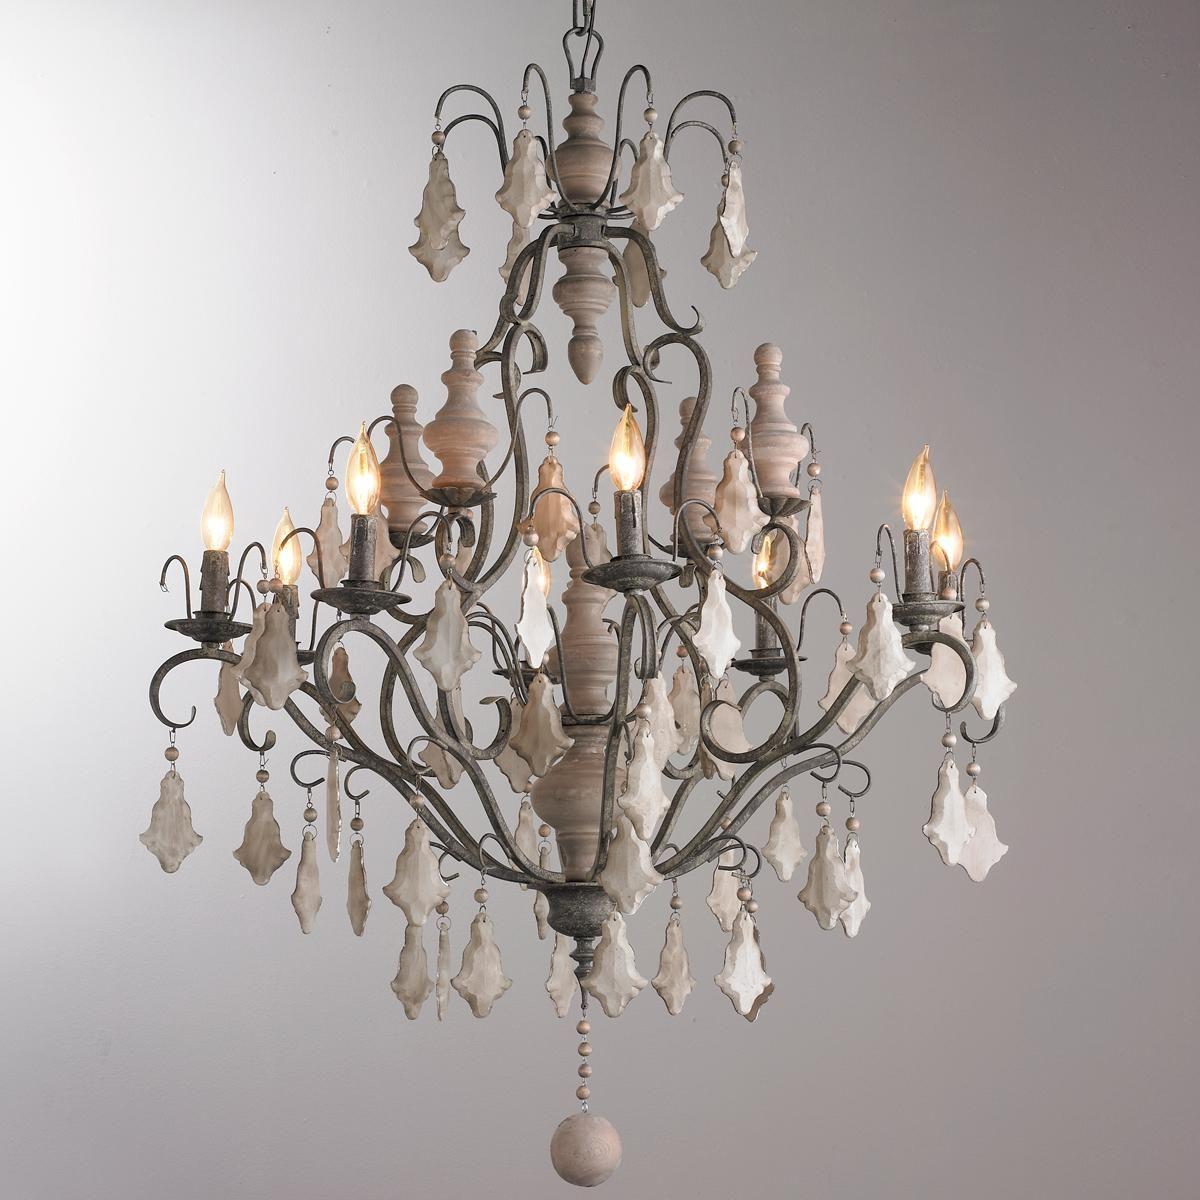 Painted Crystal Wood Finial Chandelier Lighting